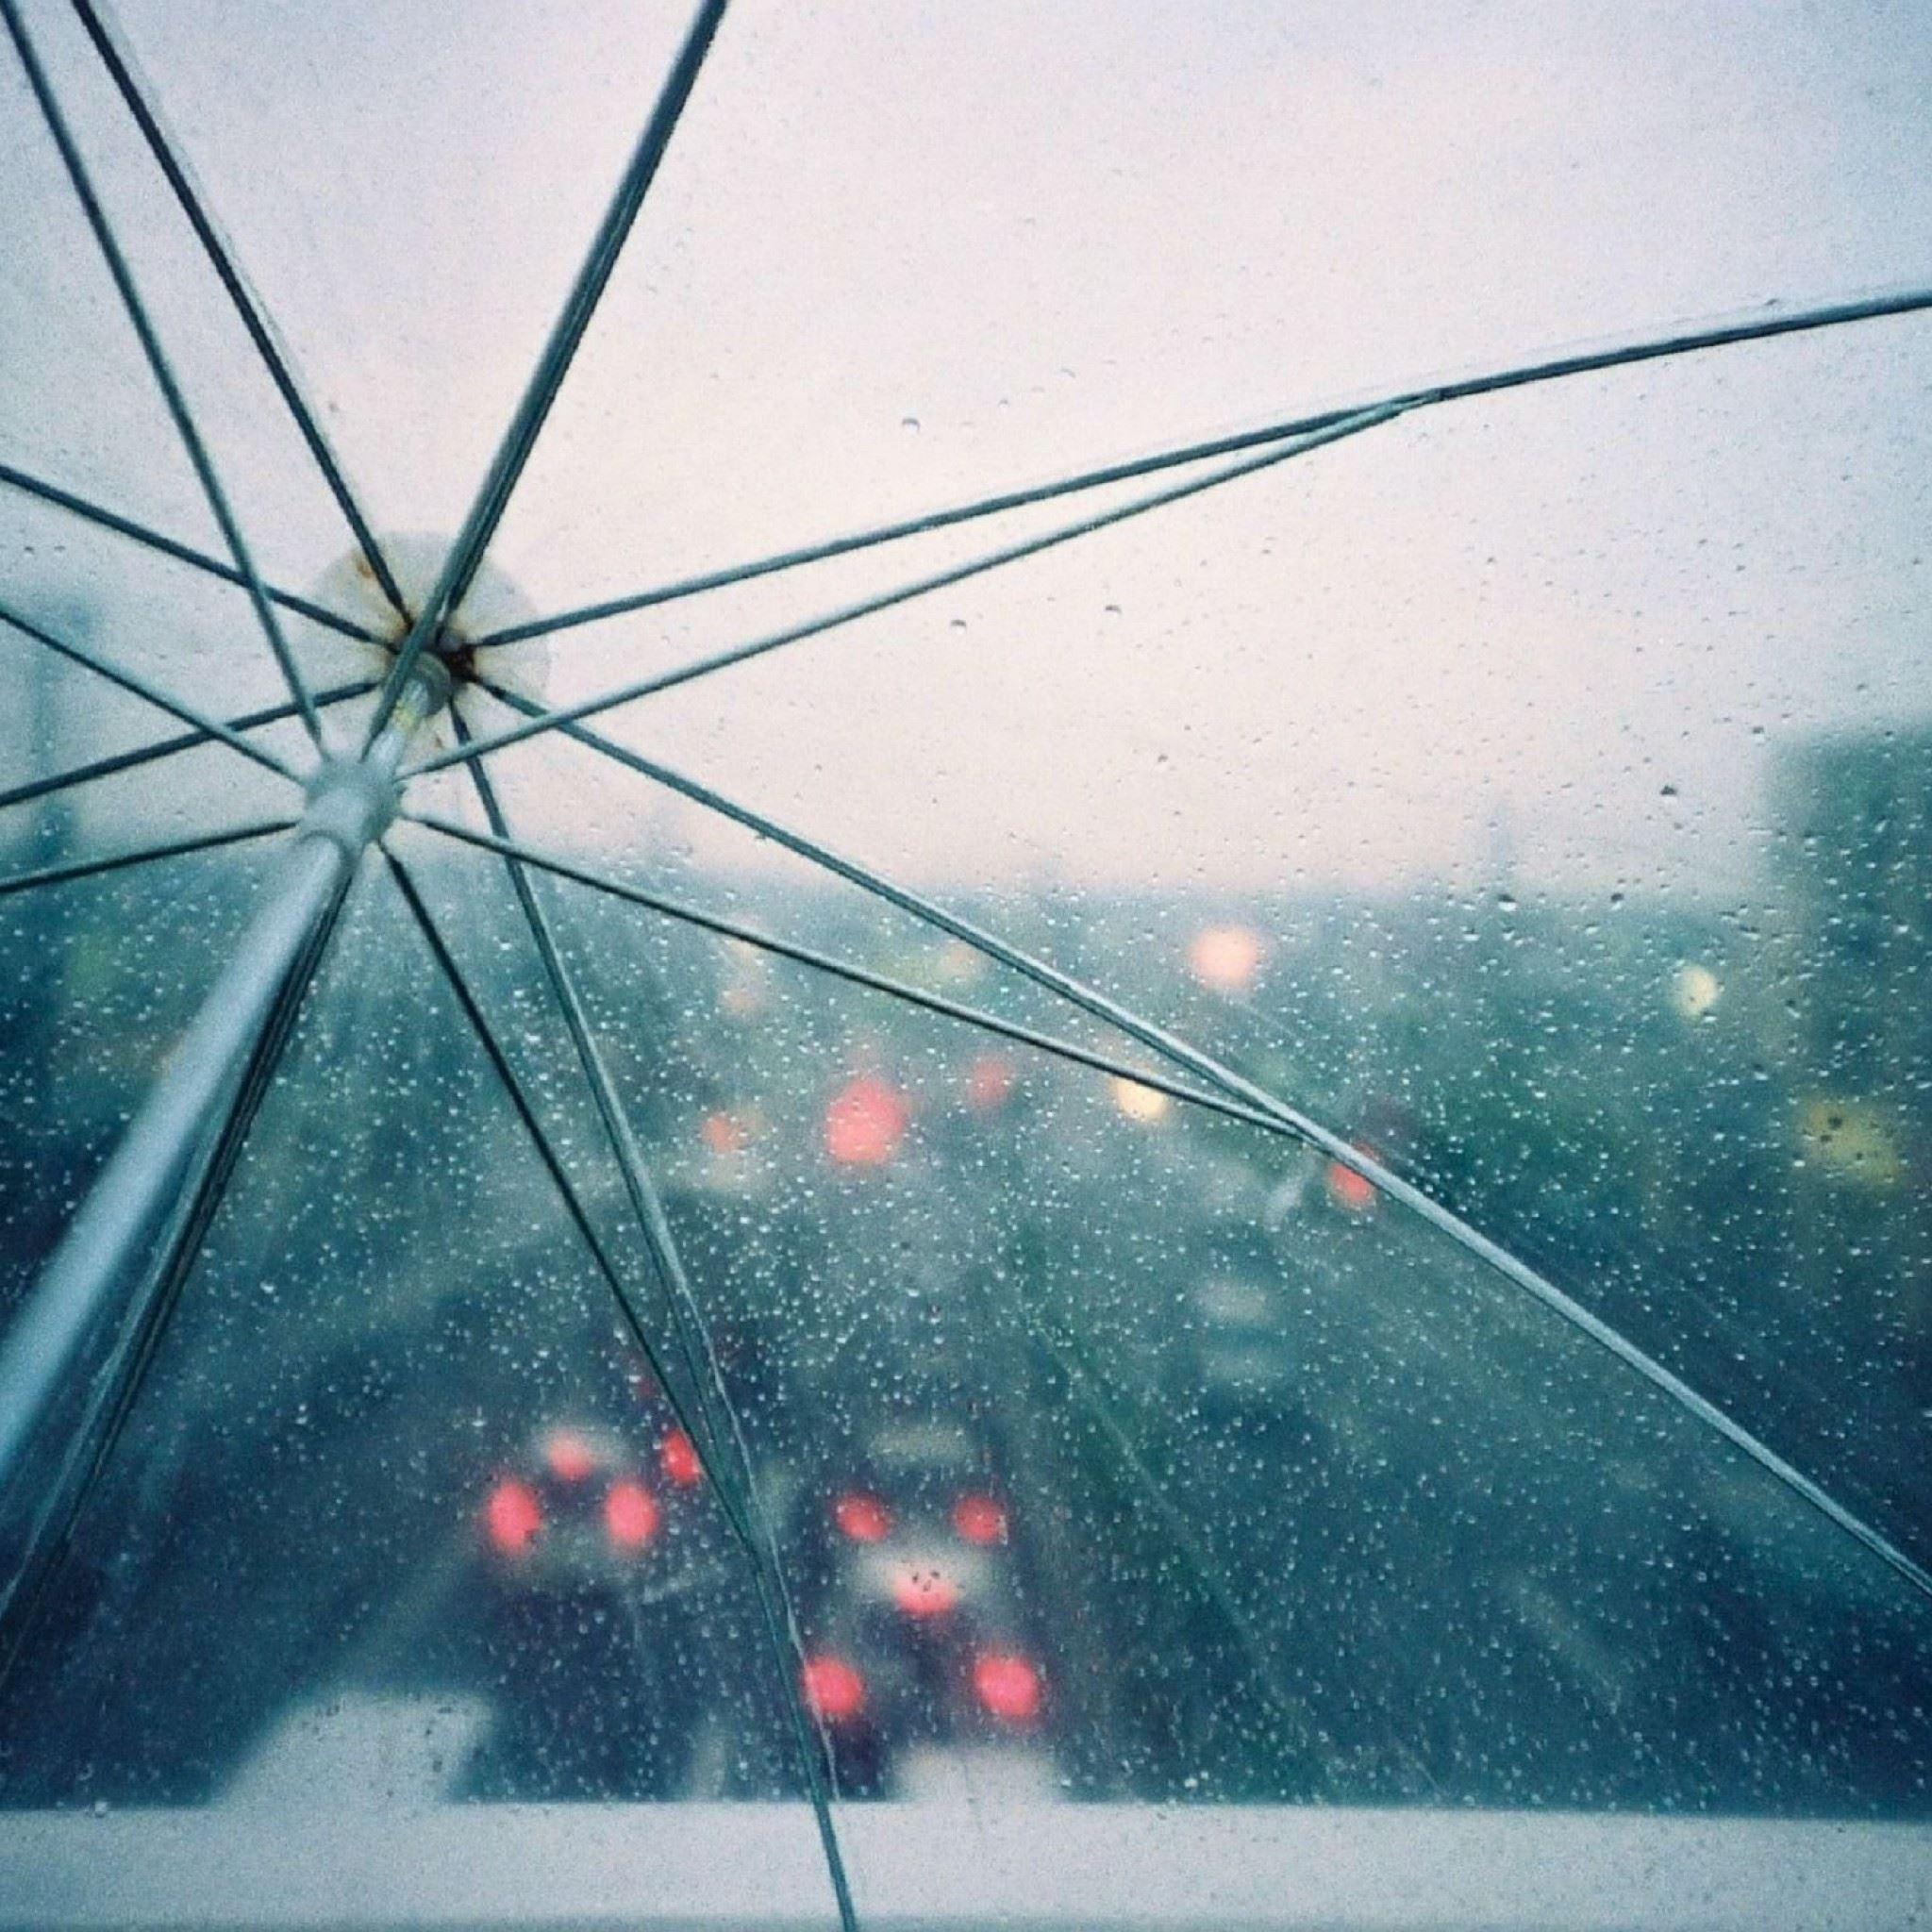 Umbrella Drops Rain Lights iPad Air wallpaper